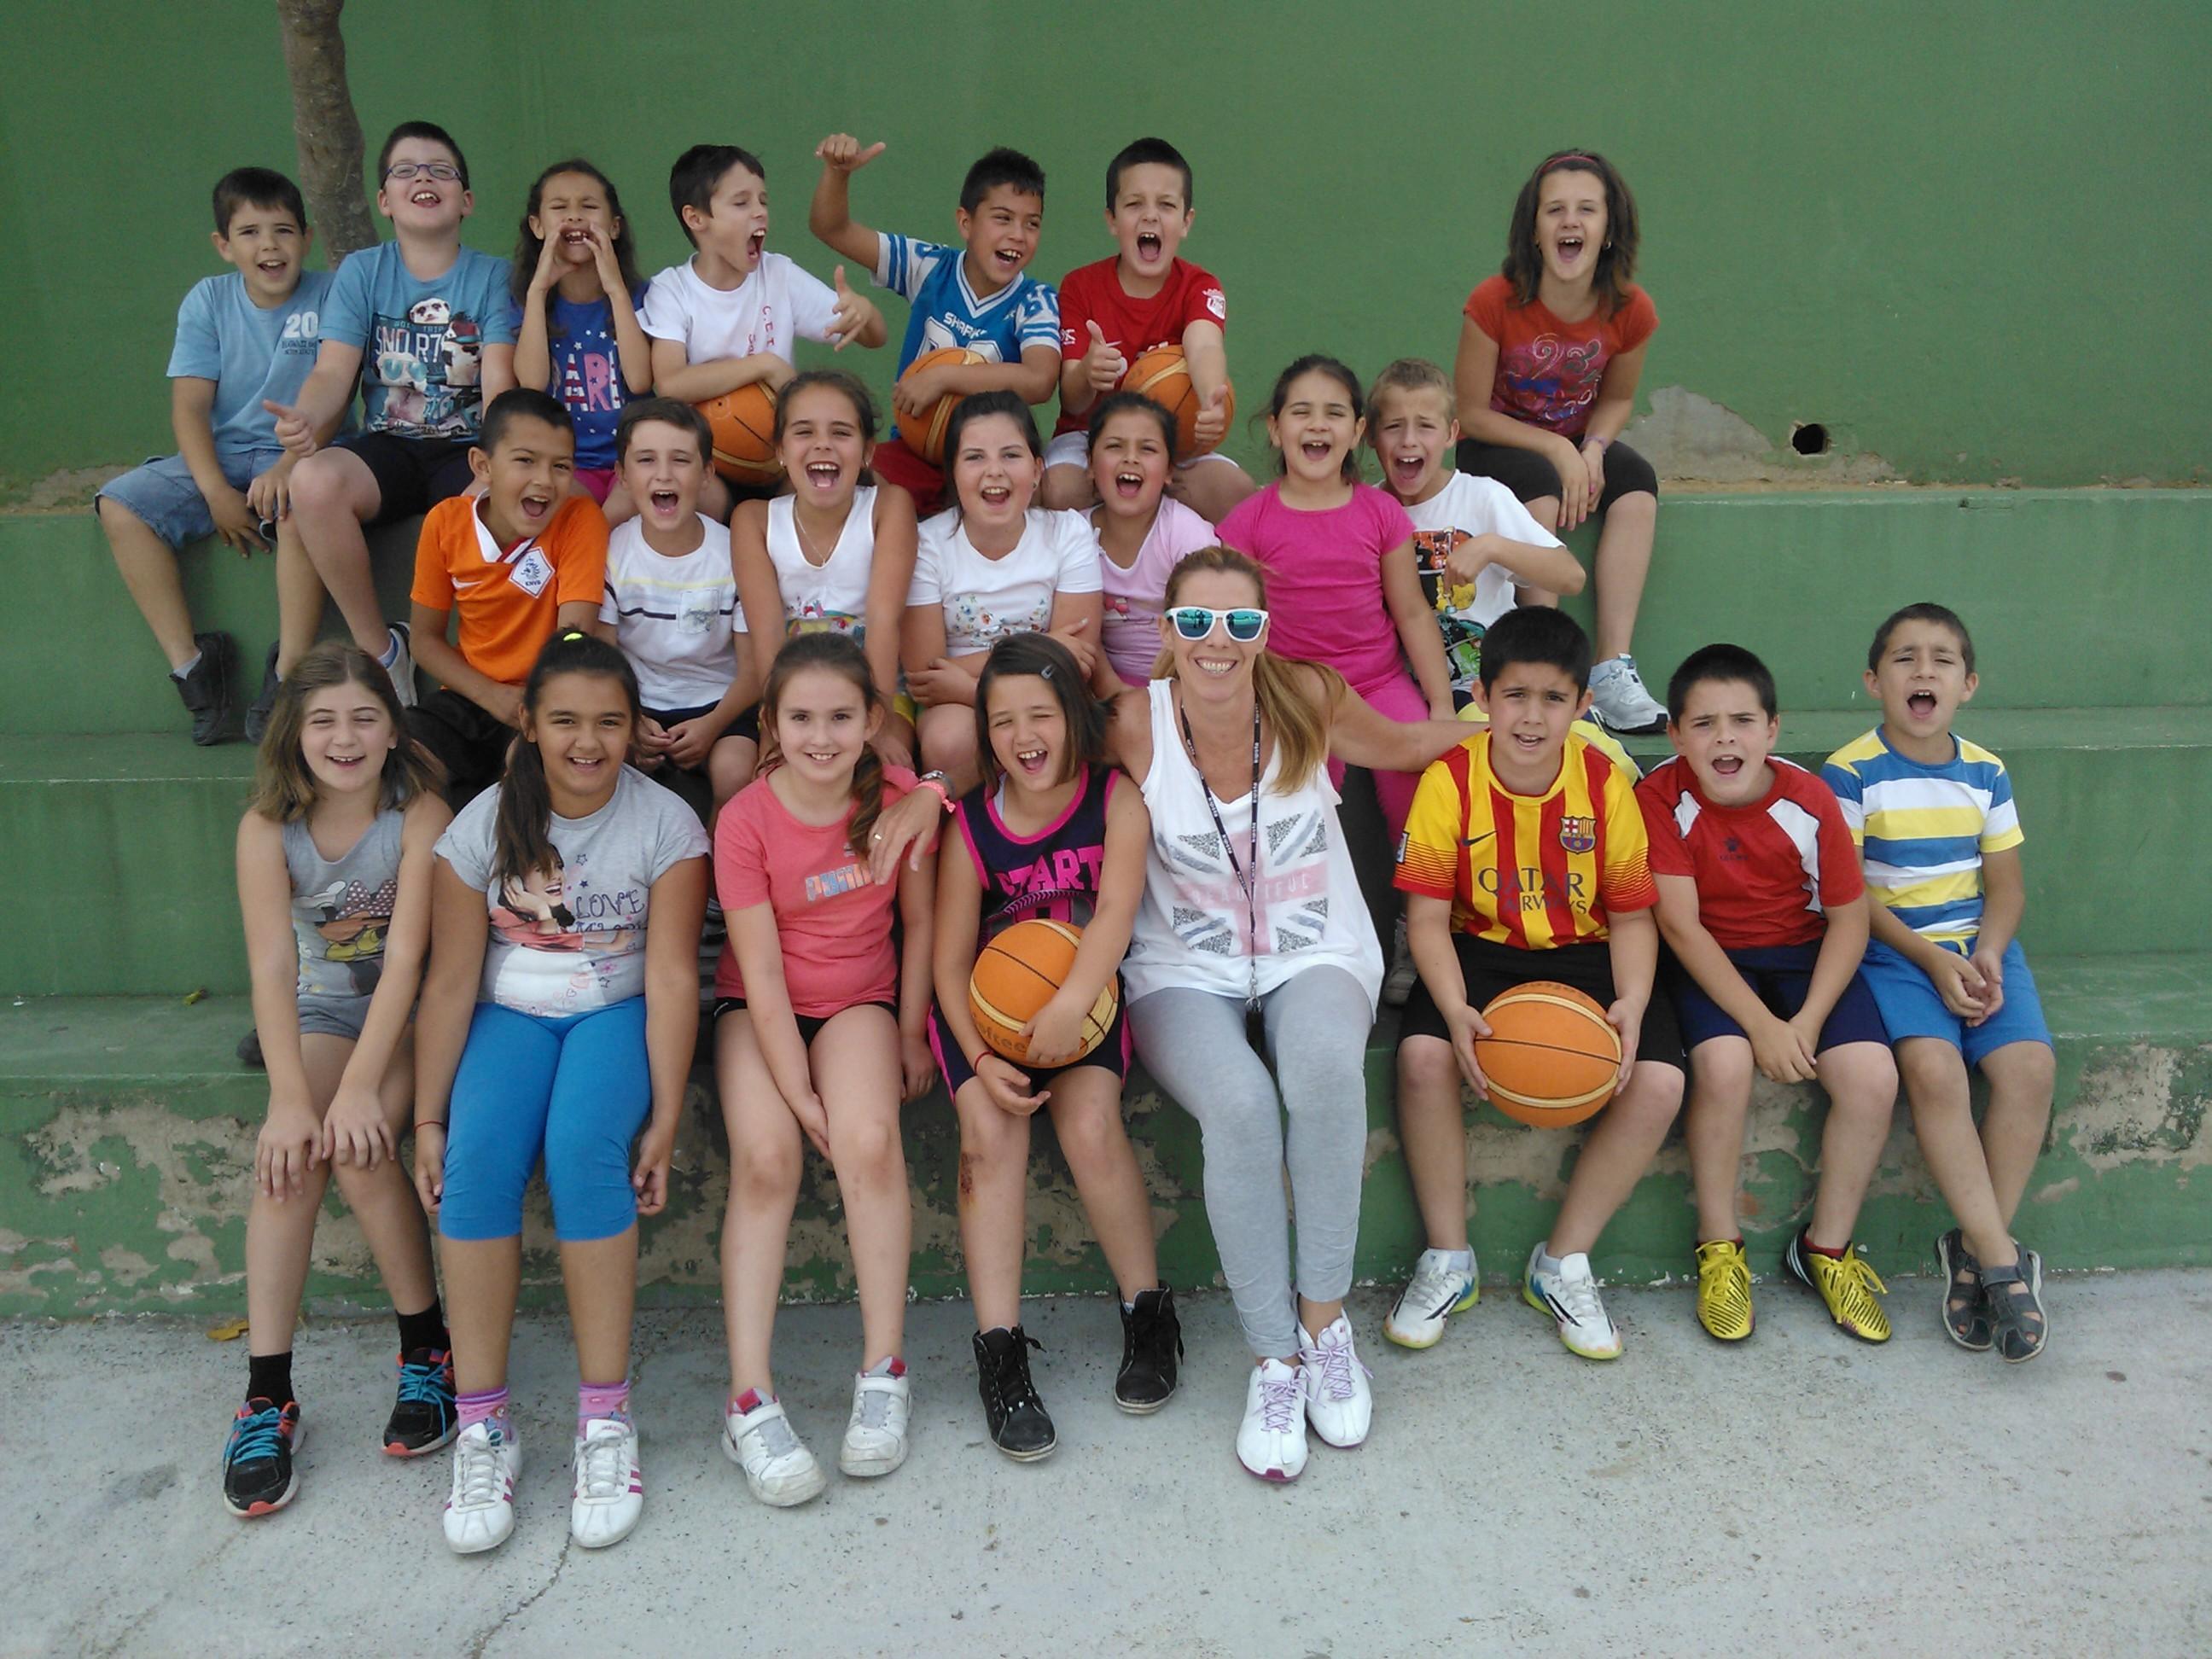 Operación 1 día de Baloncesto 14/15